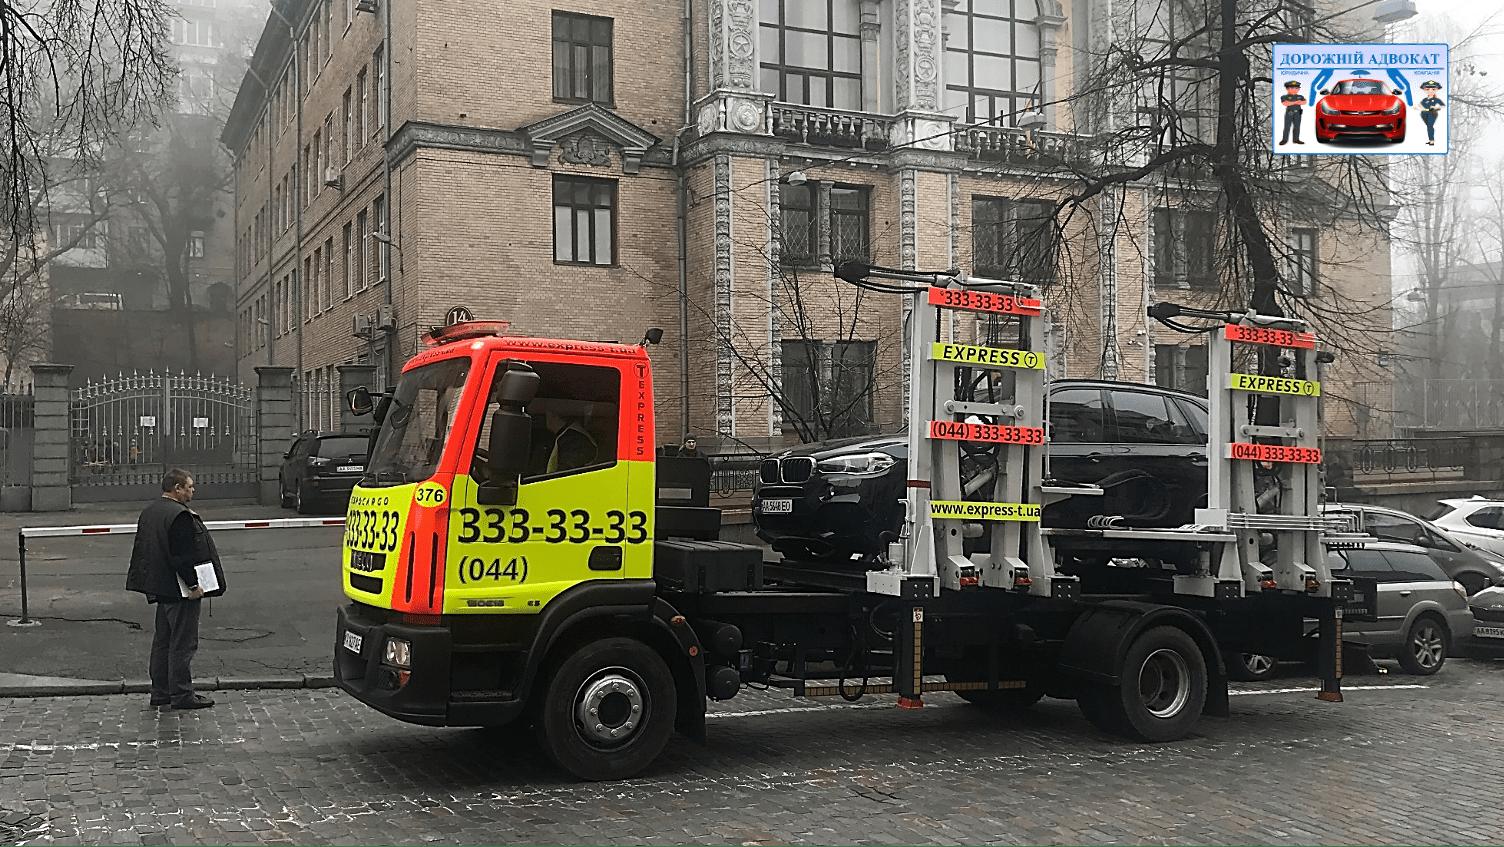 інспекція з паркування евакуація автомобіля